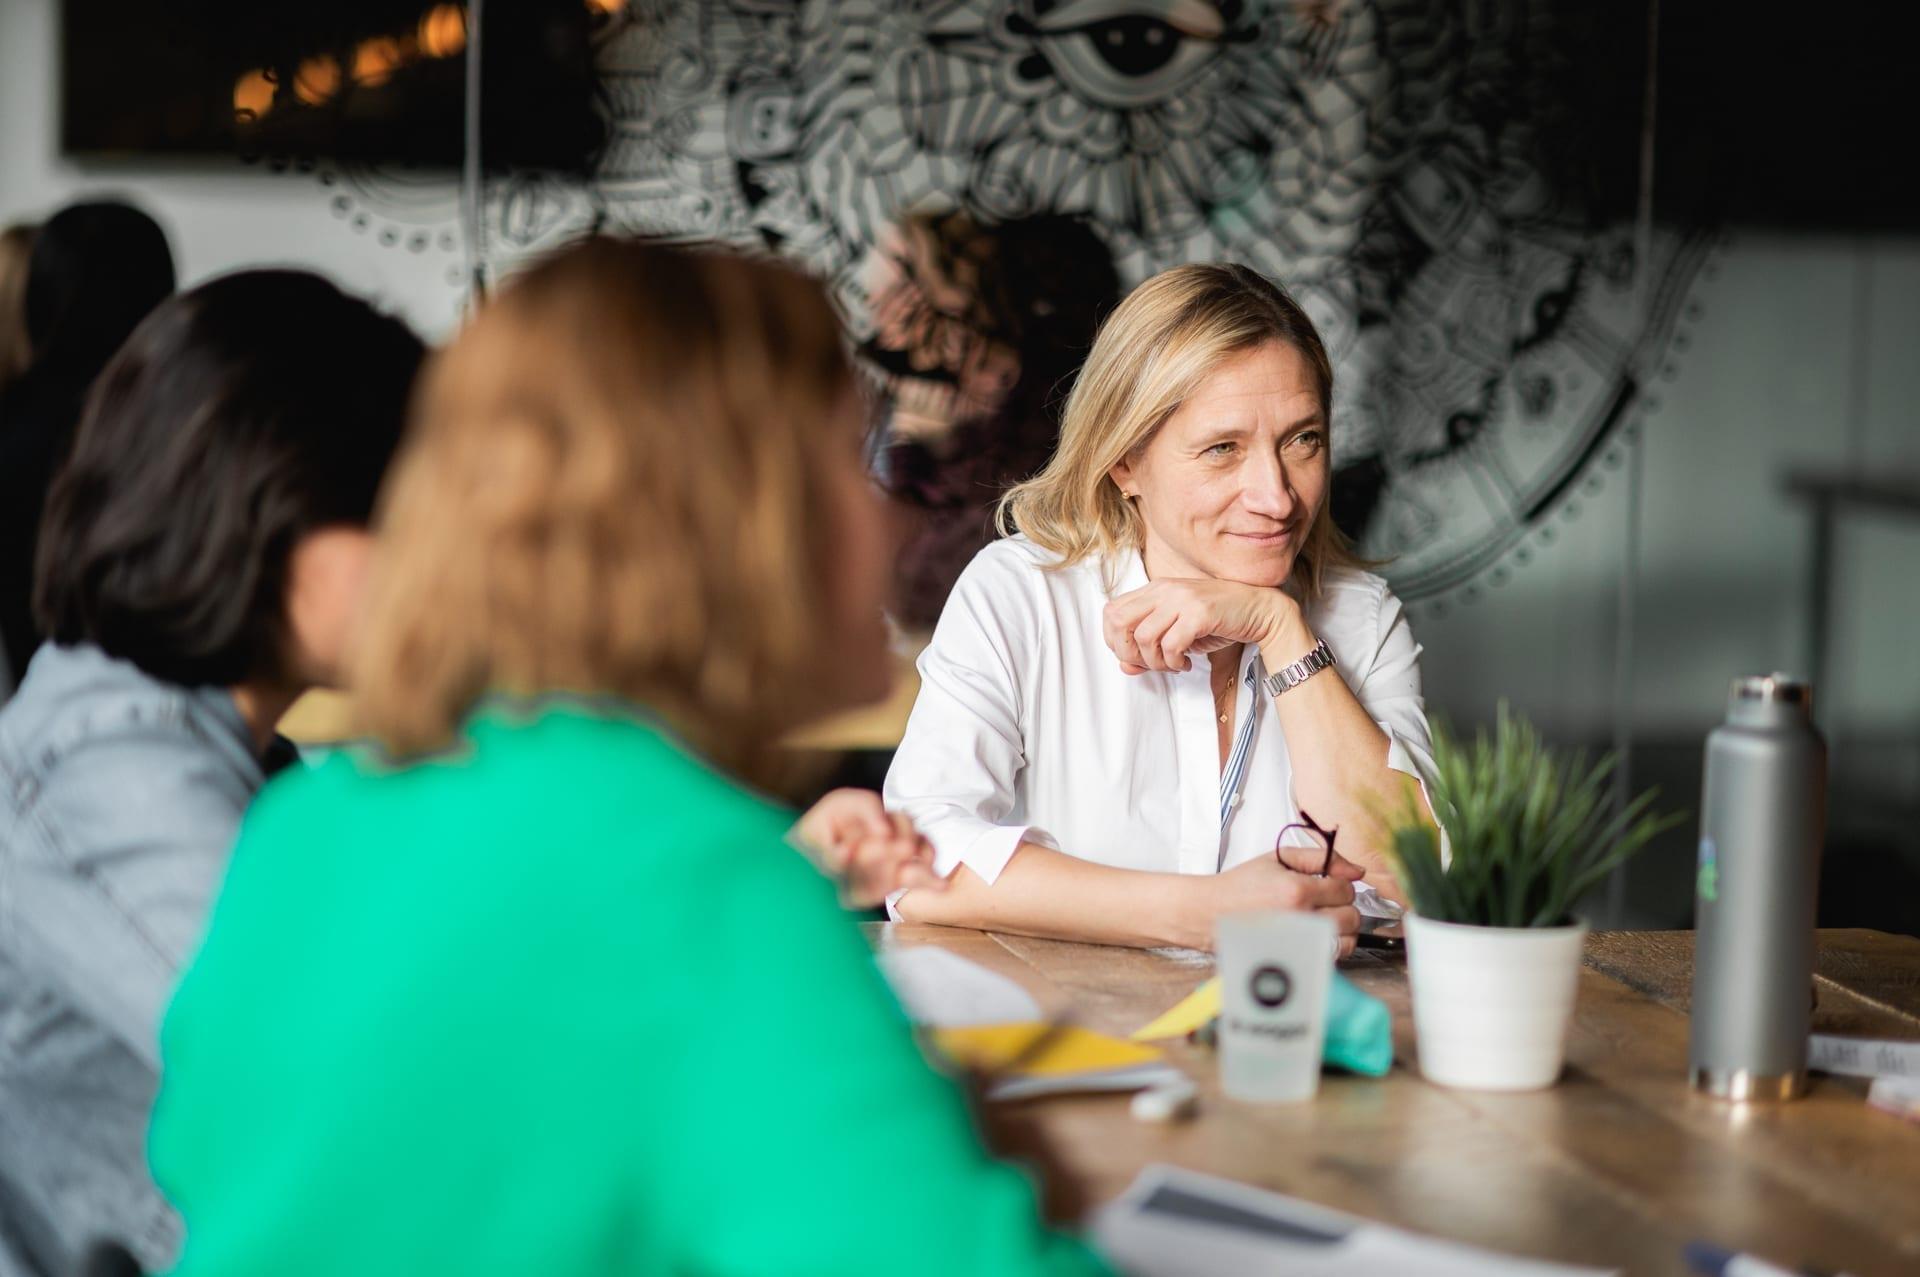 Femme au bout d'une table qui regarde quelqu'un d'autre avec concentration